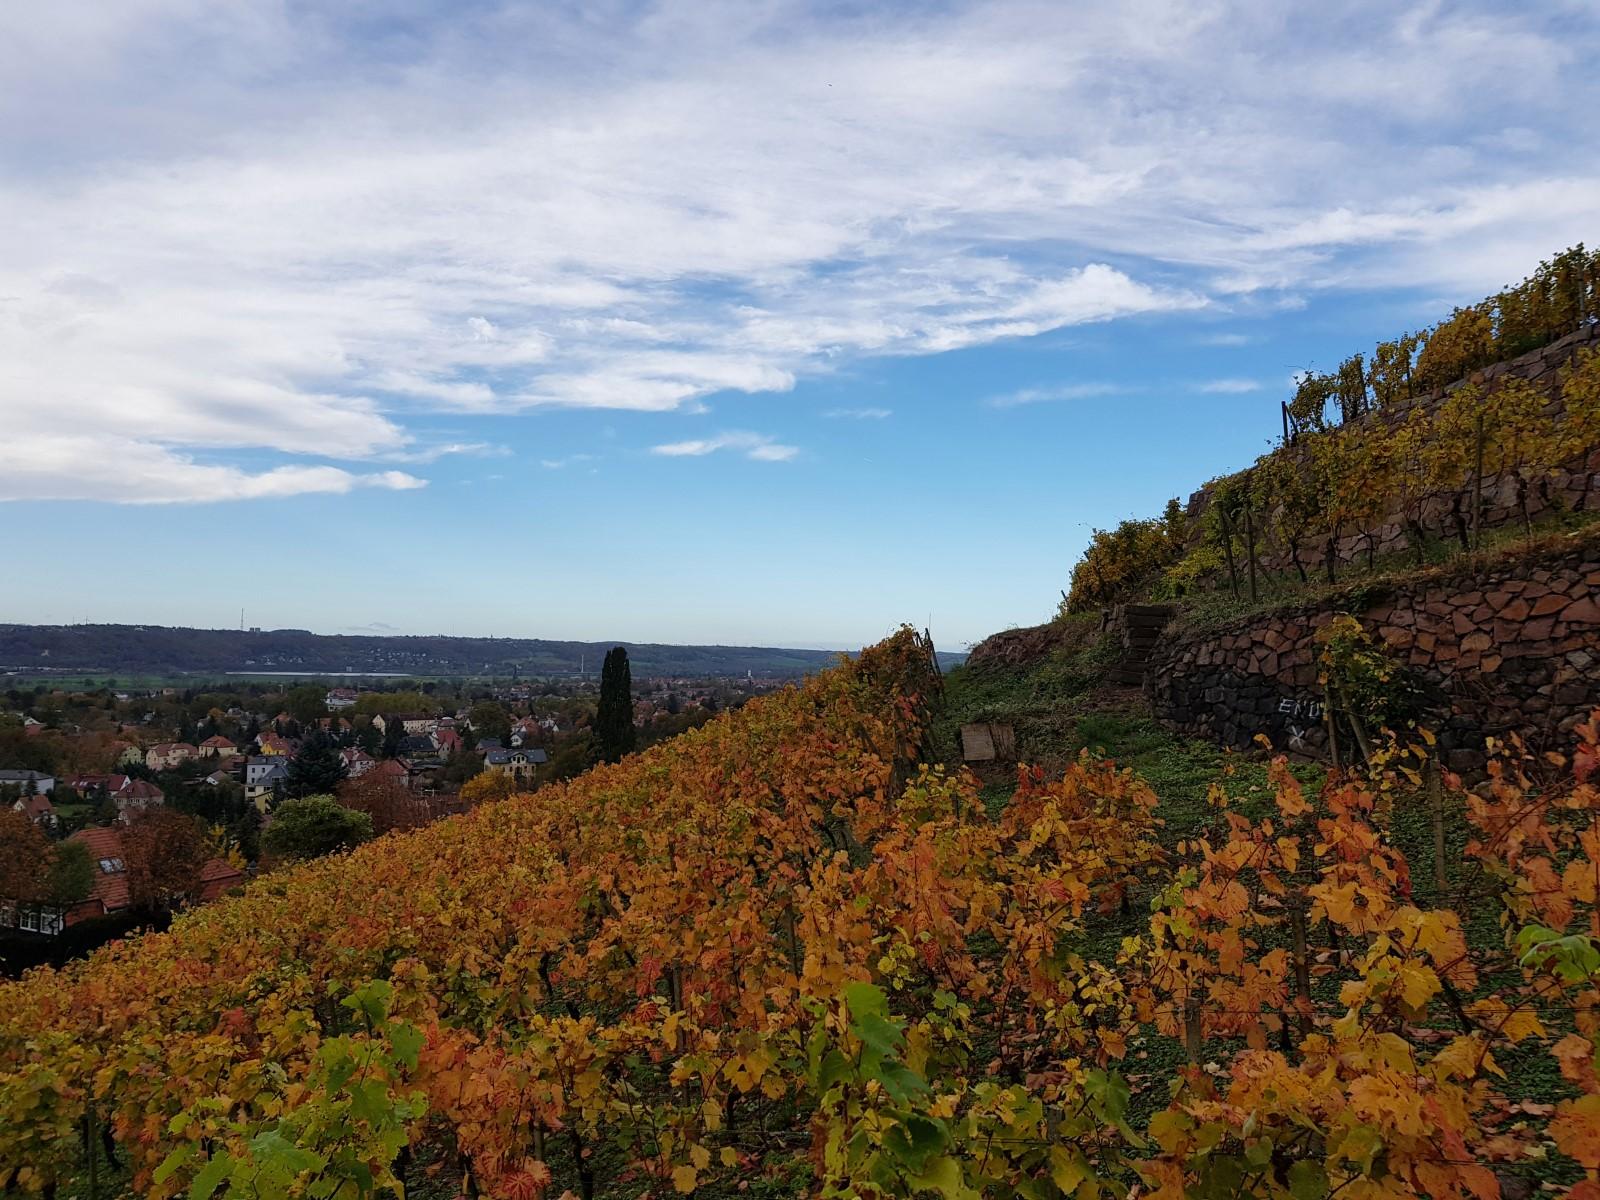 Weinanbau neben der Spitzhaustreppe